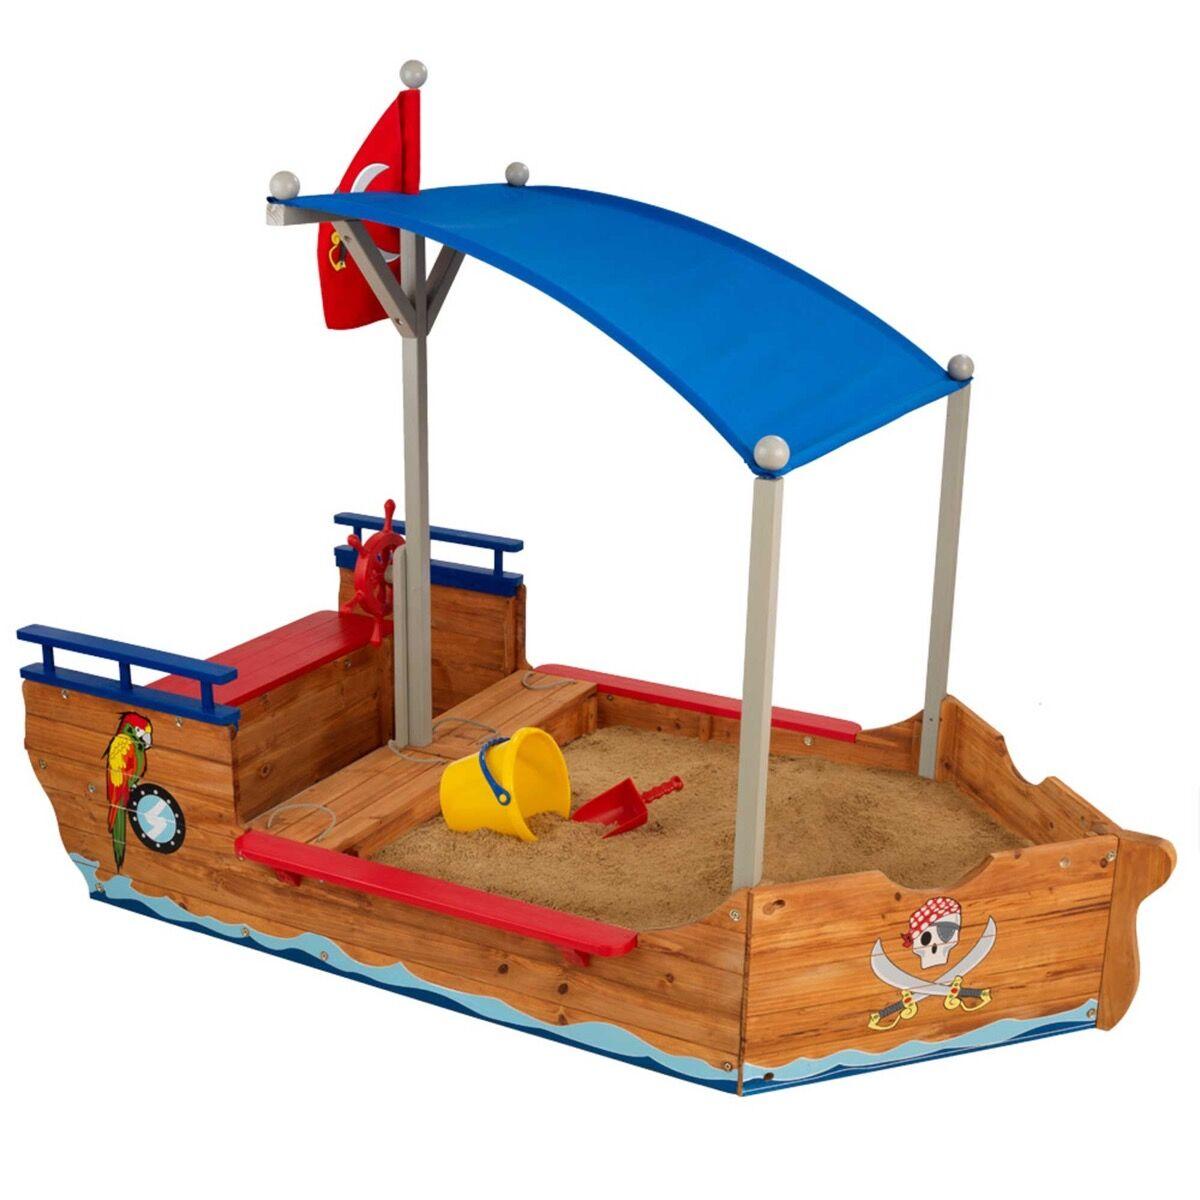 KidKraft Bac à sable bateau de pirates en bois